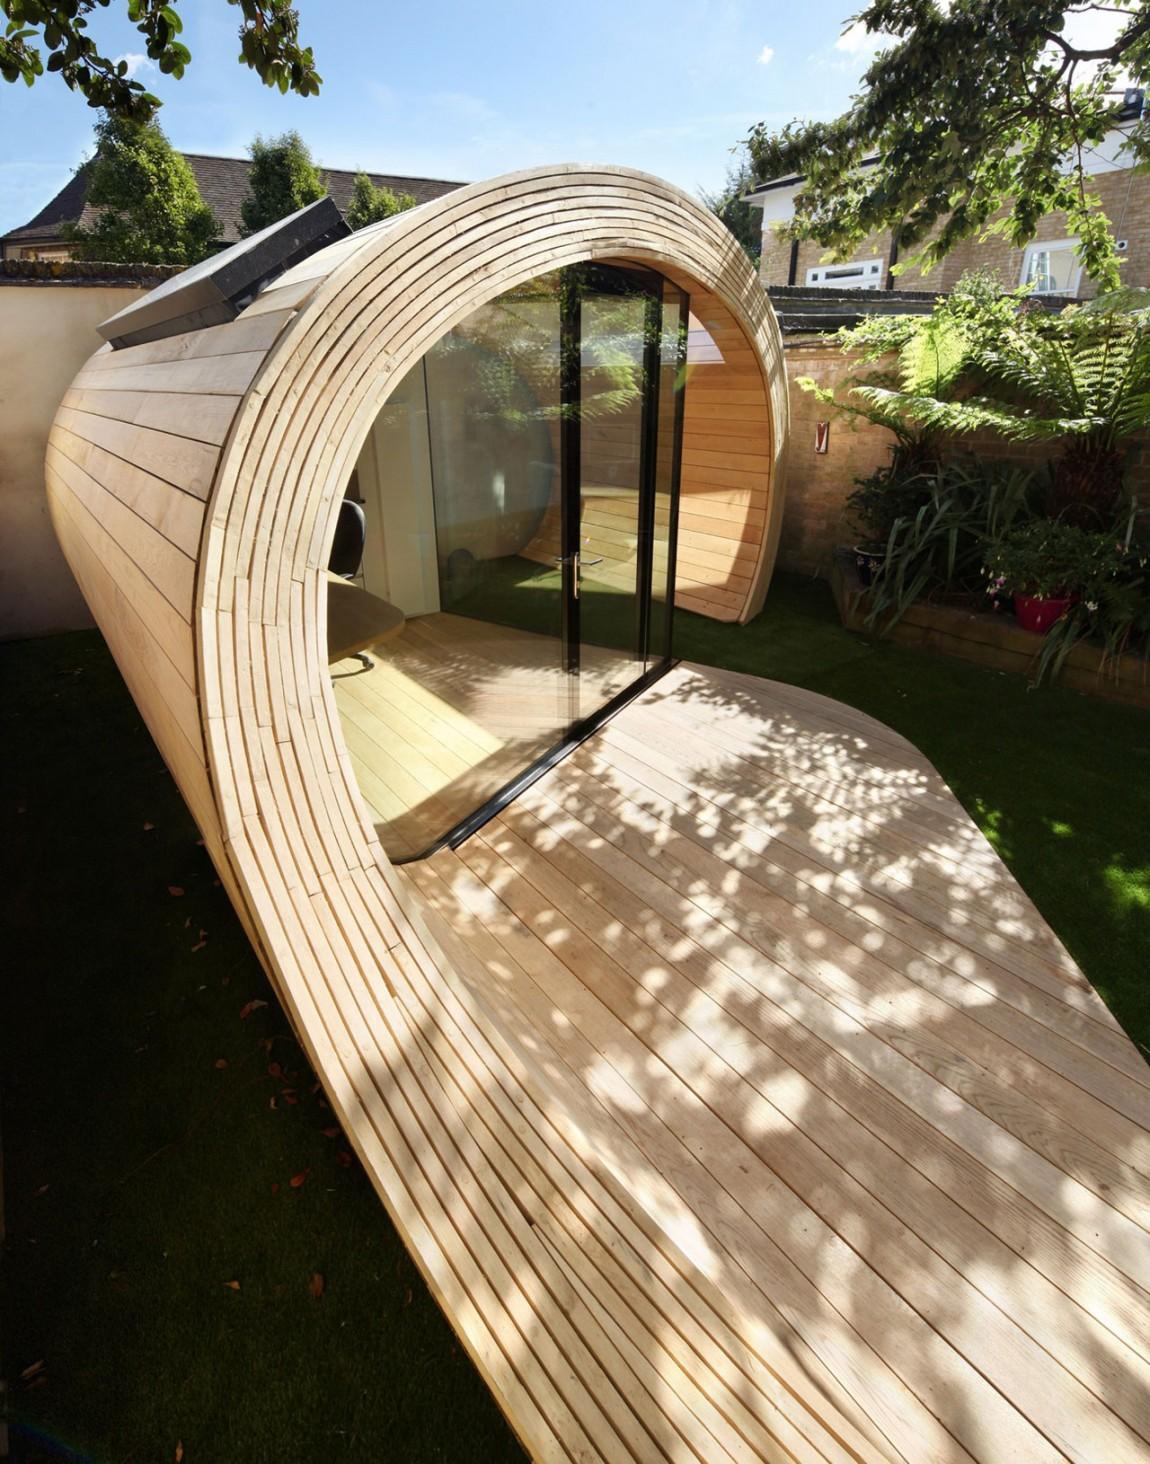 Оригинальный павильон Shoffice от компании Platform 5 Architects